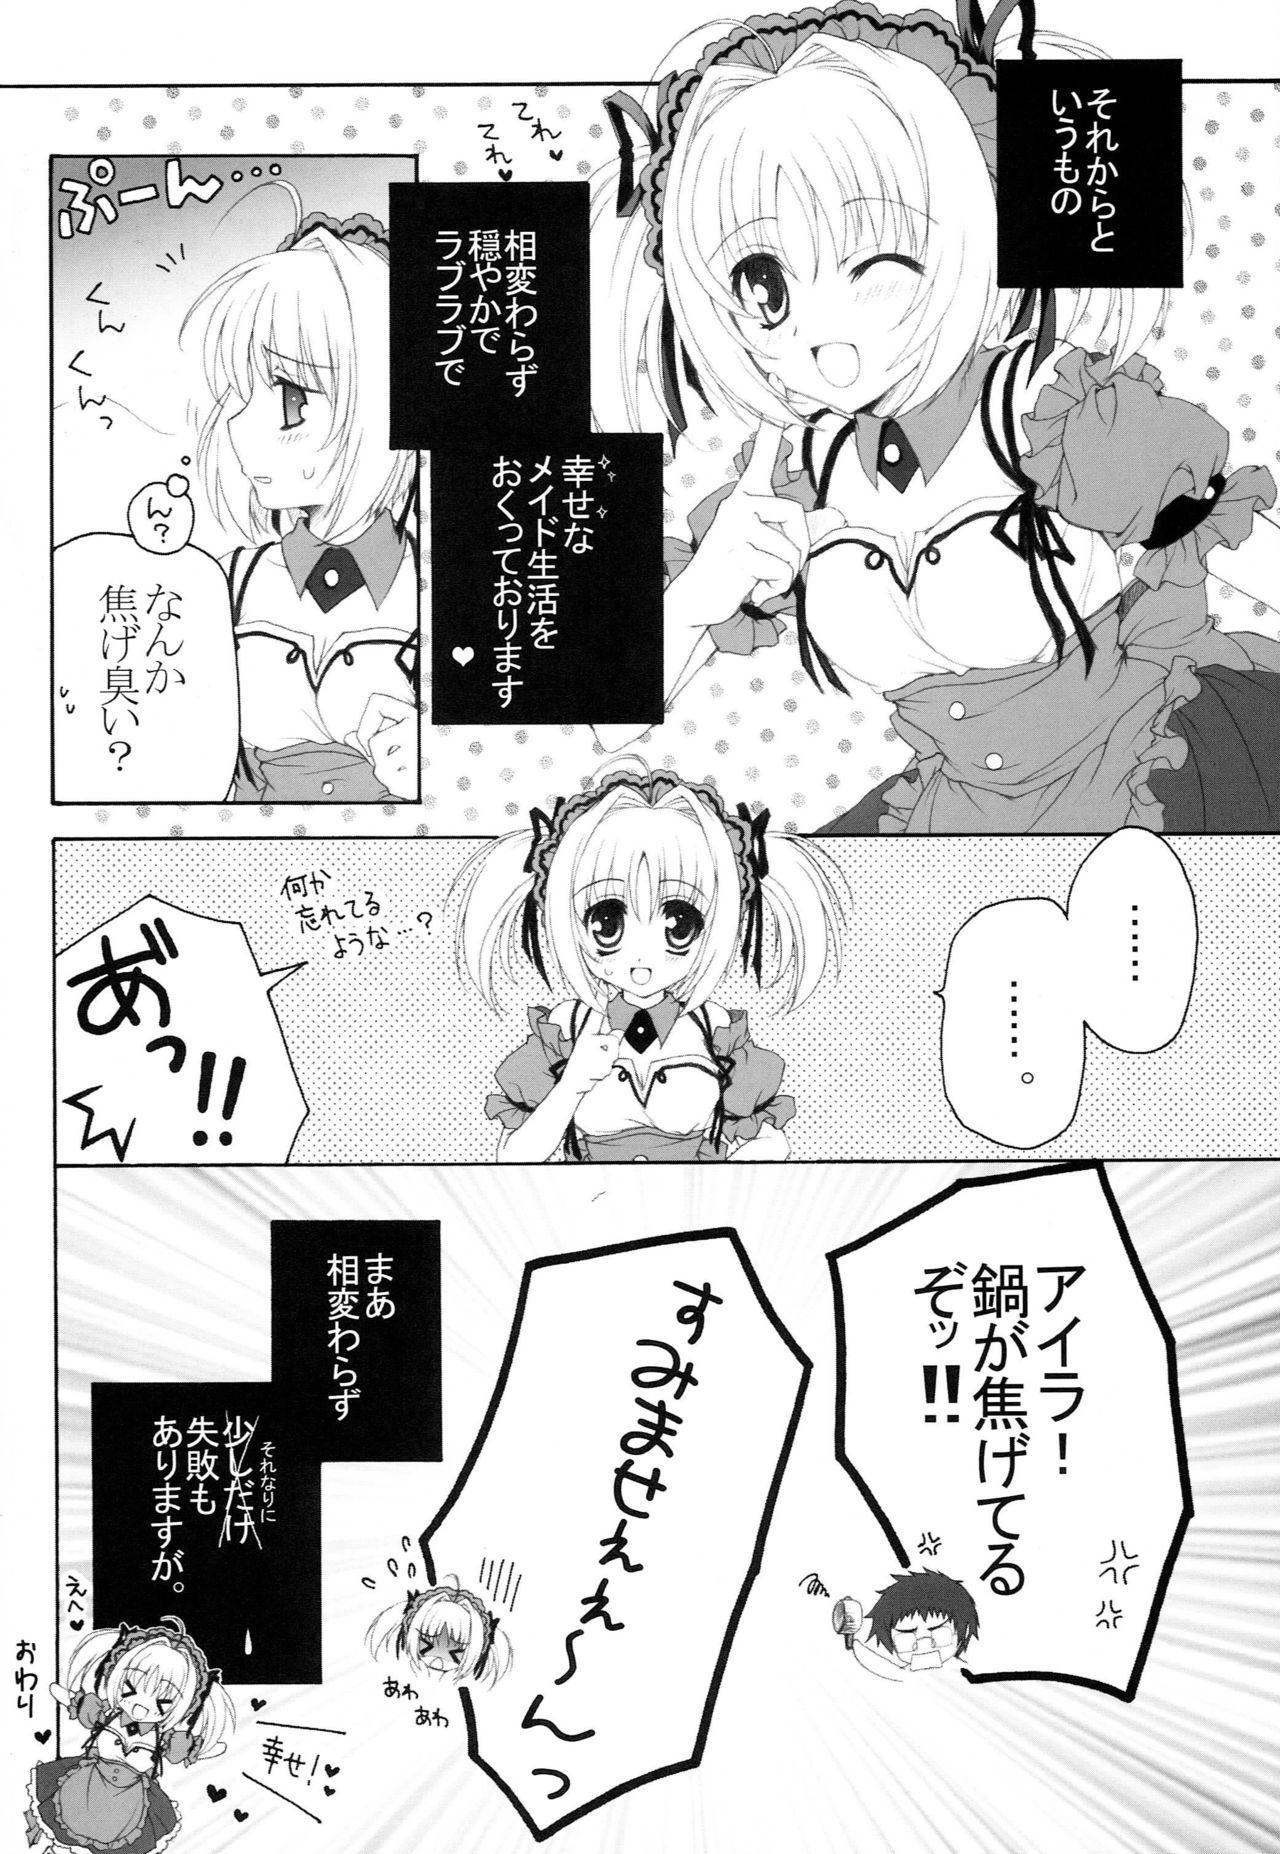 Maid no Susume!? 2 14